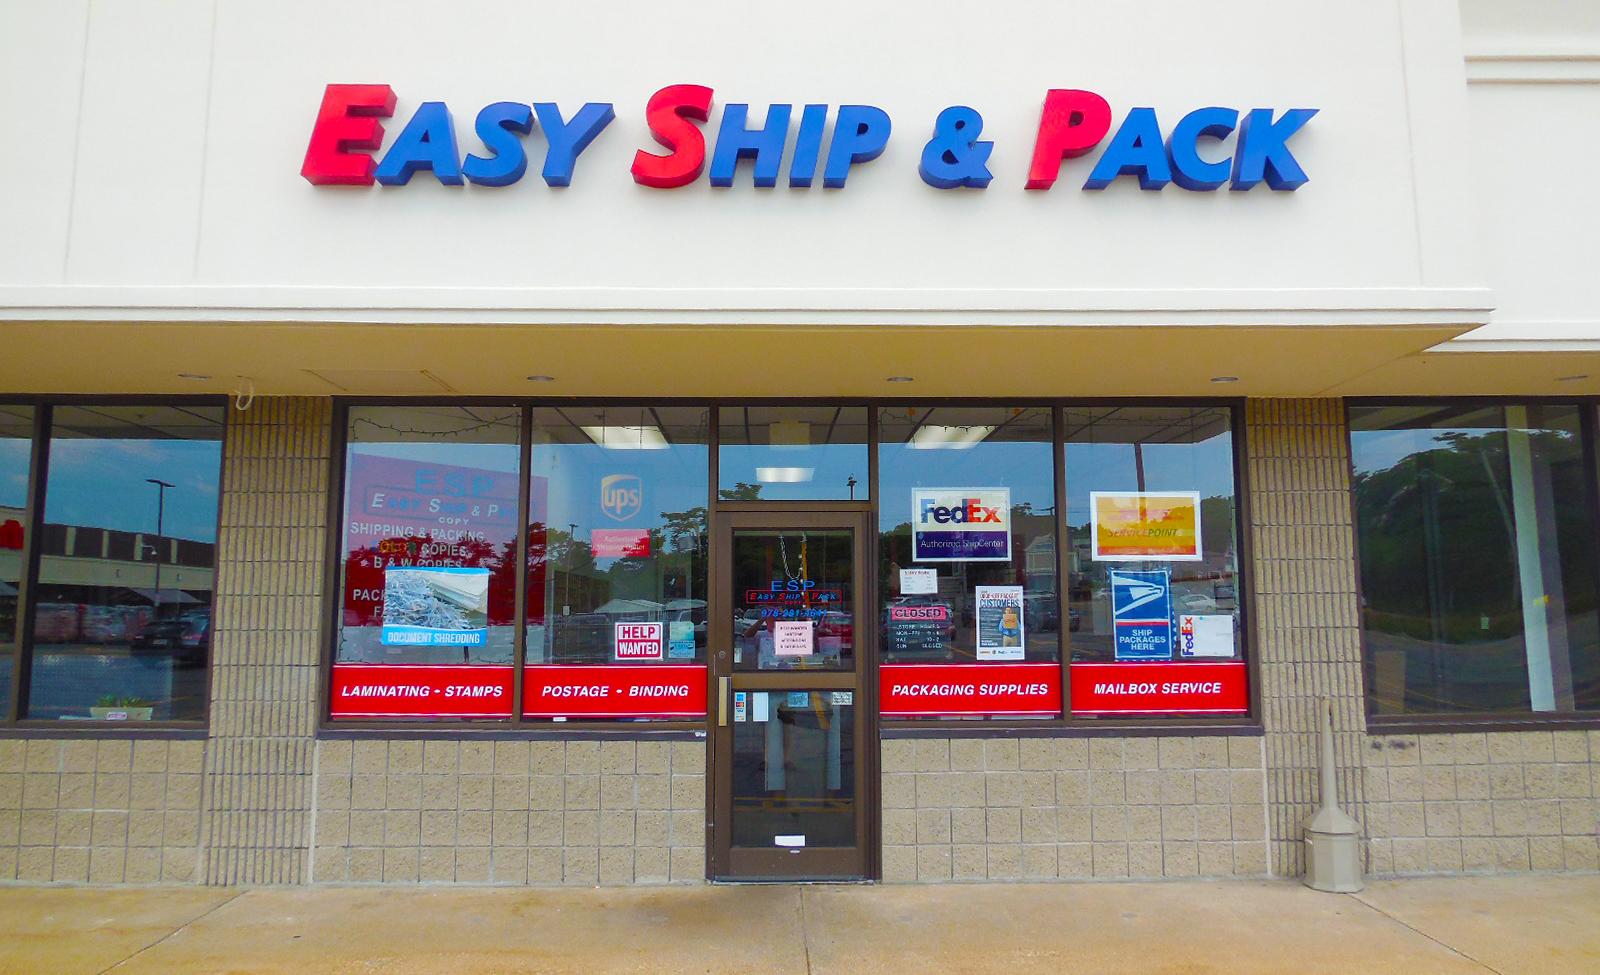 Easy Ship & Pack Gloucester Massachusetts Easy Ship & Pack